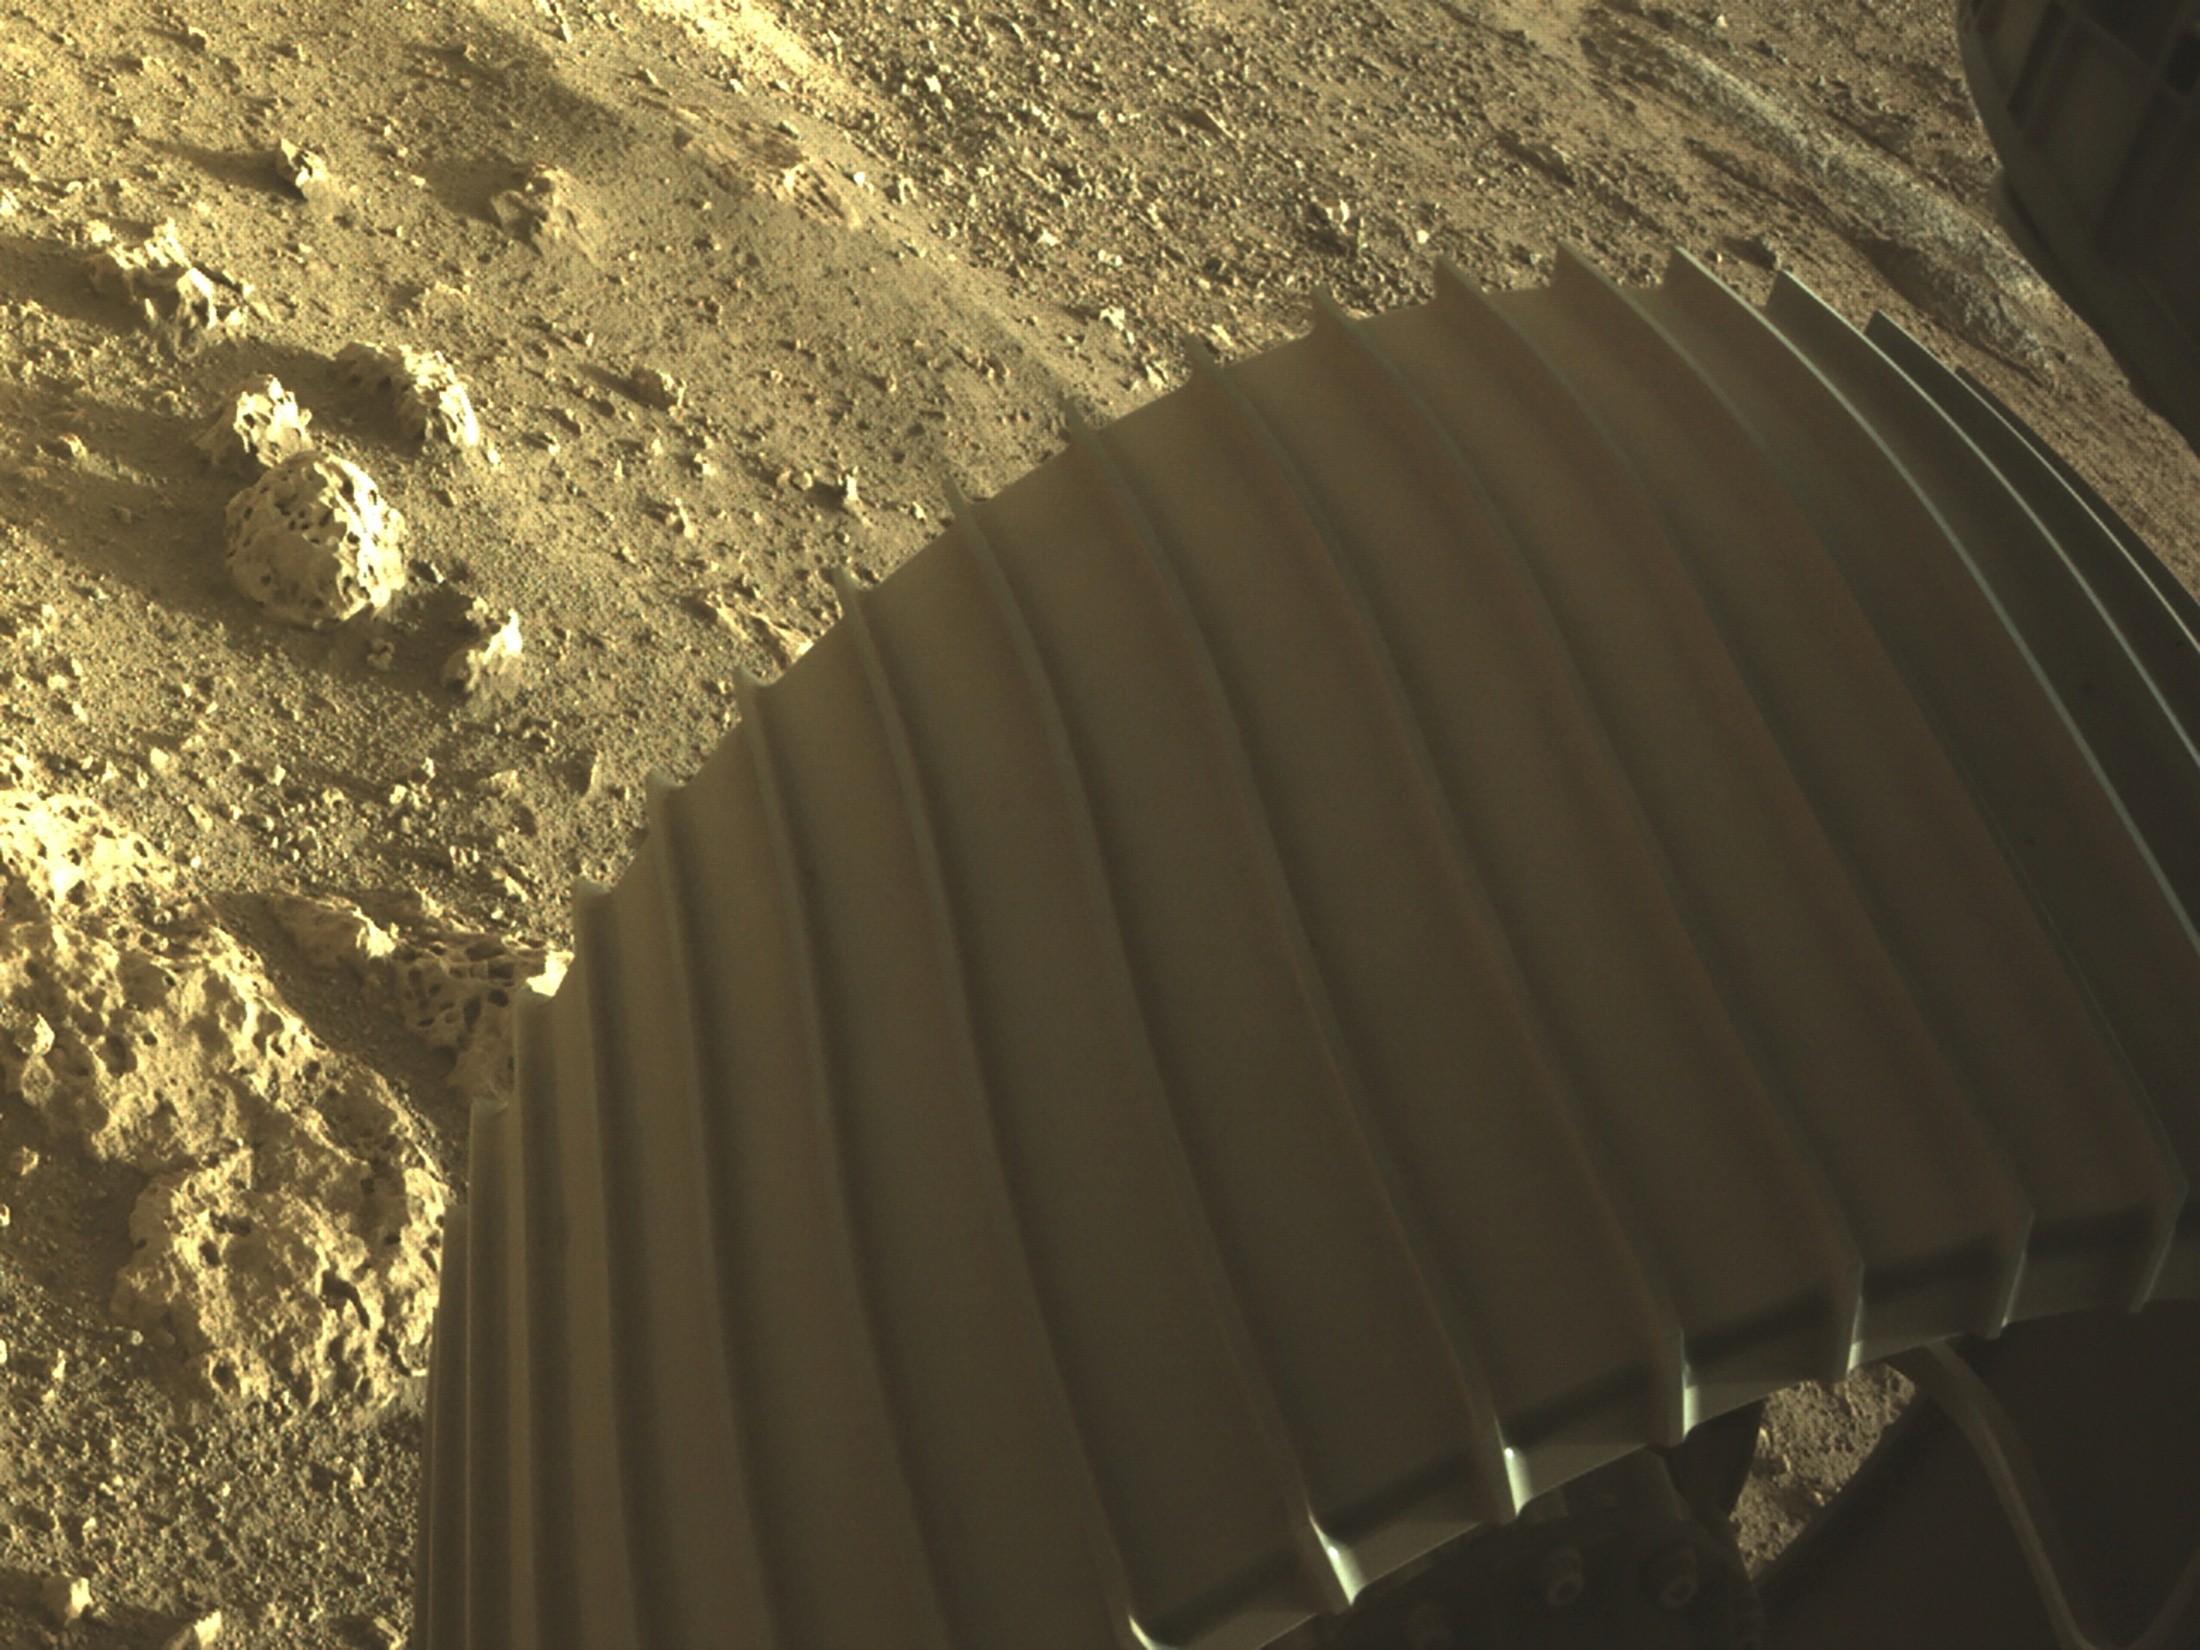 Una de las seis ruedas del Perseverance sobre la supeficie del planeta rojo - NASA/JPL-Caltech/Handout via REUTERS